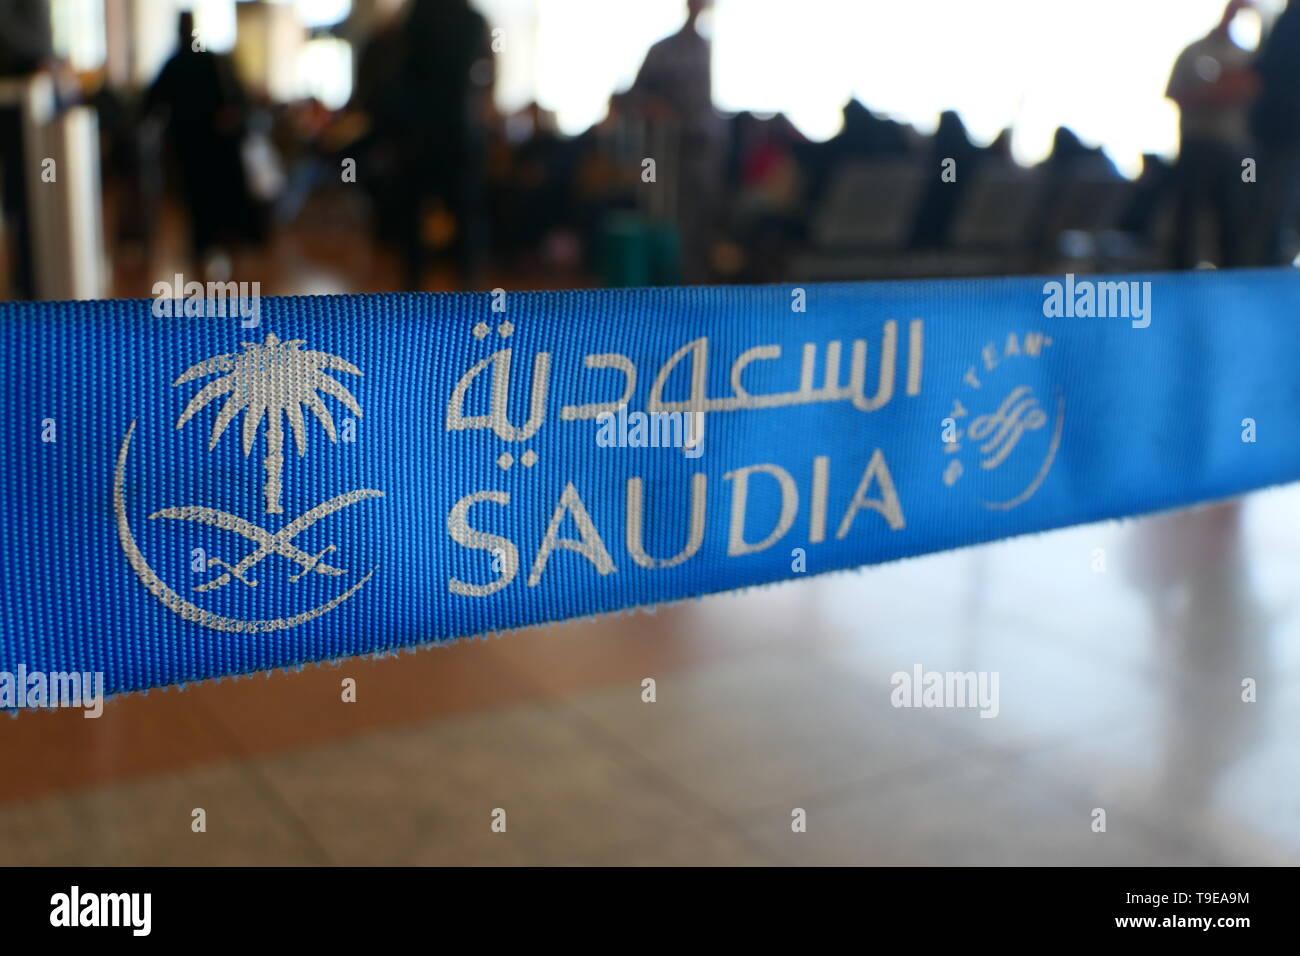 Siti di incontri KSA